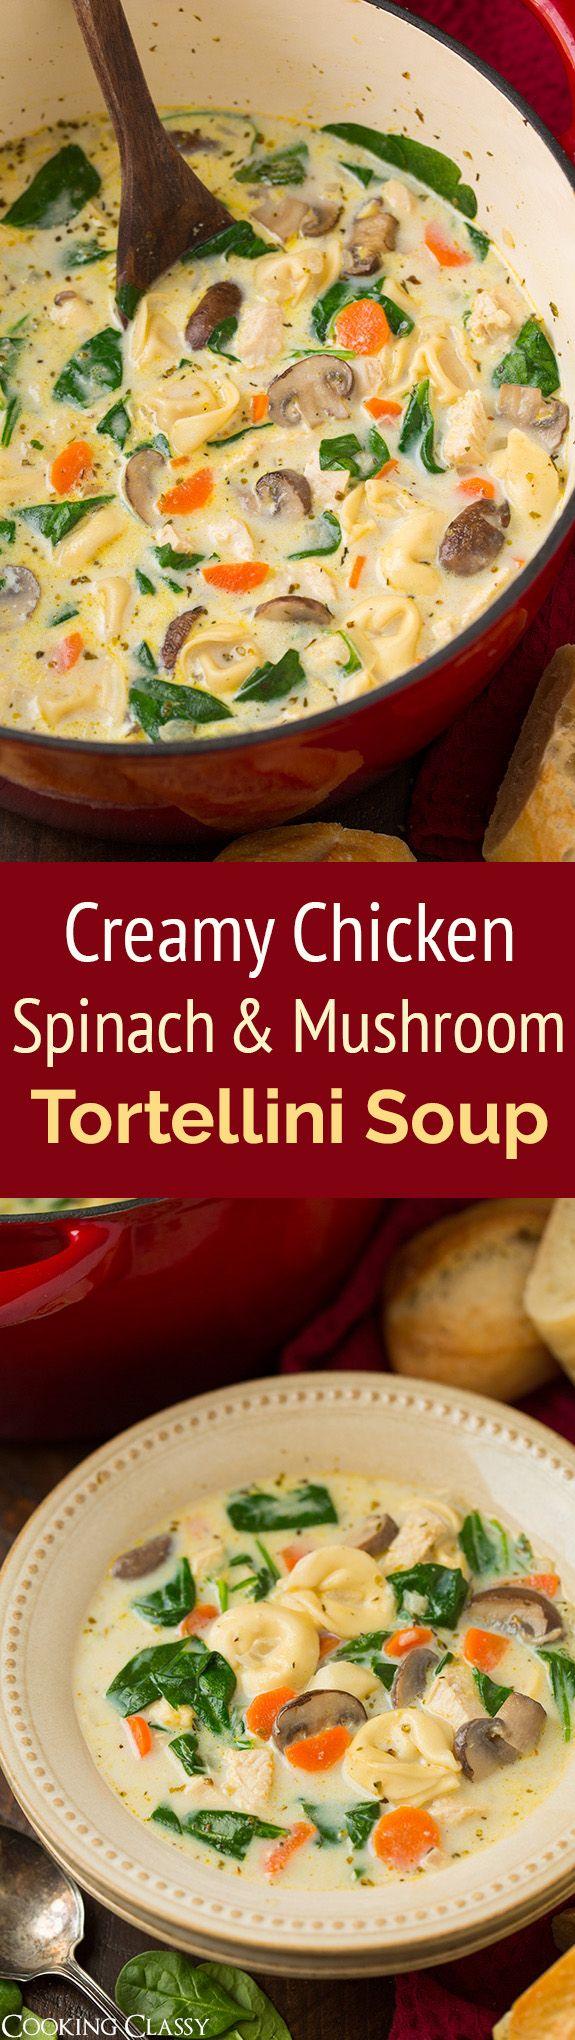 Crema de tortellini, espinaca y pollo